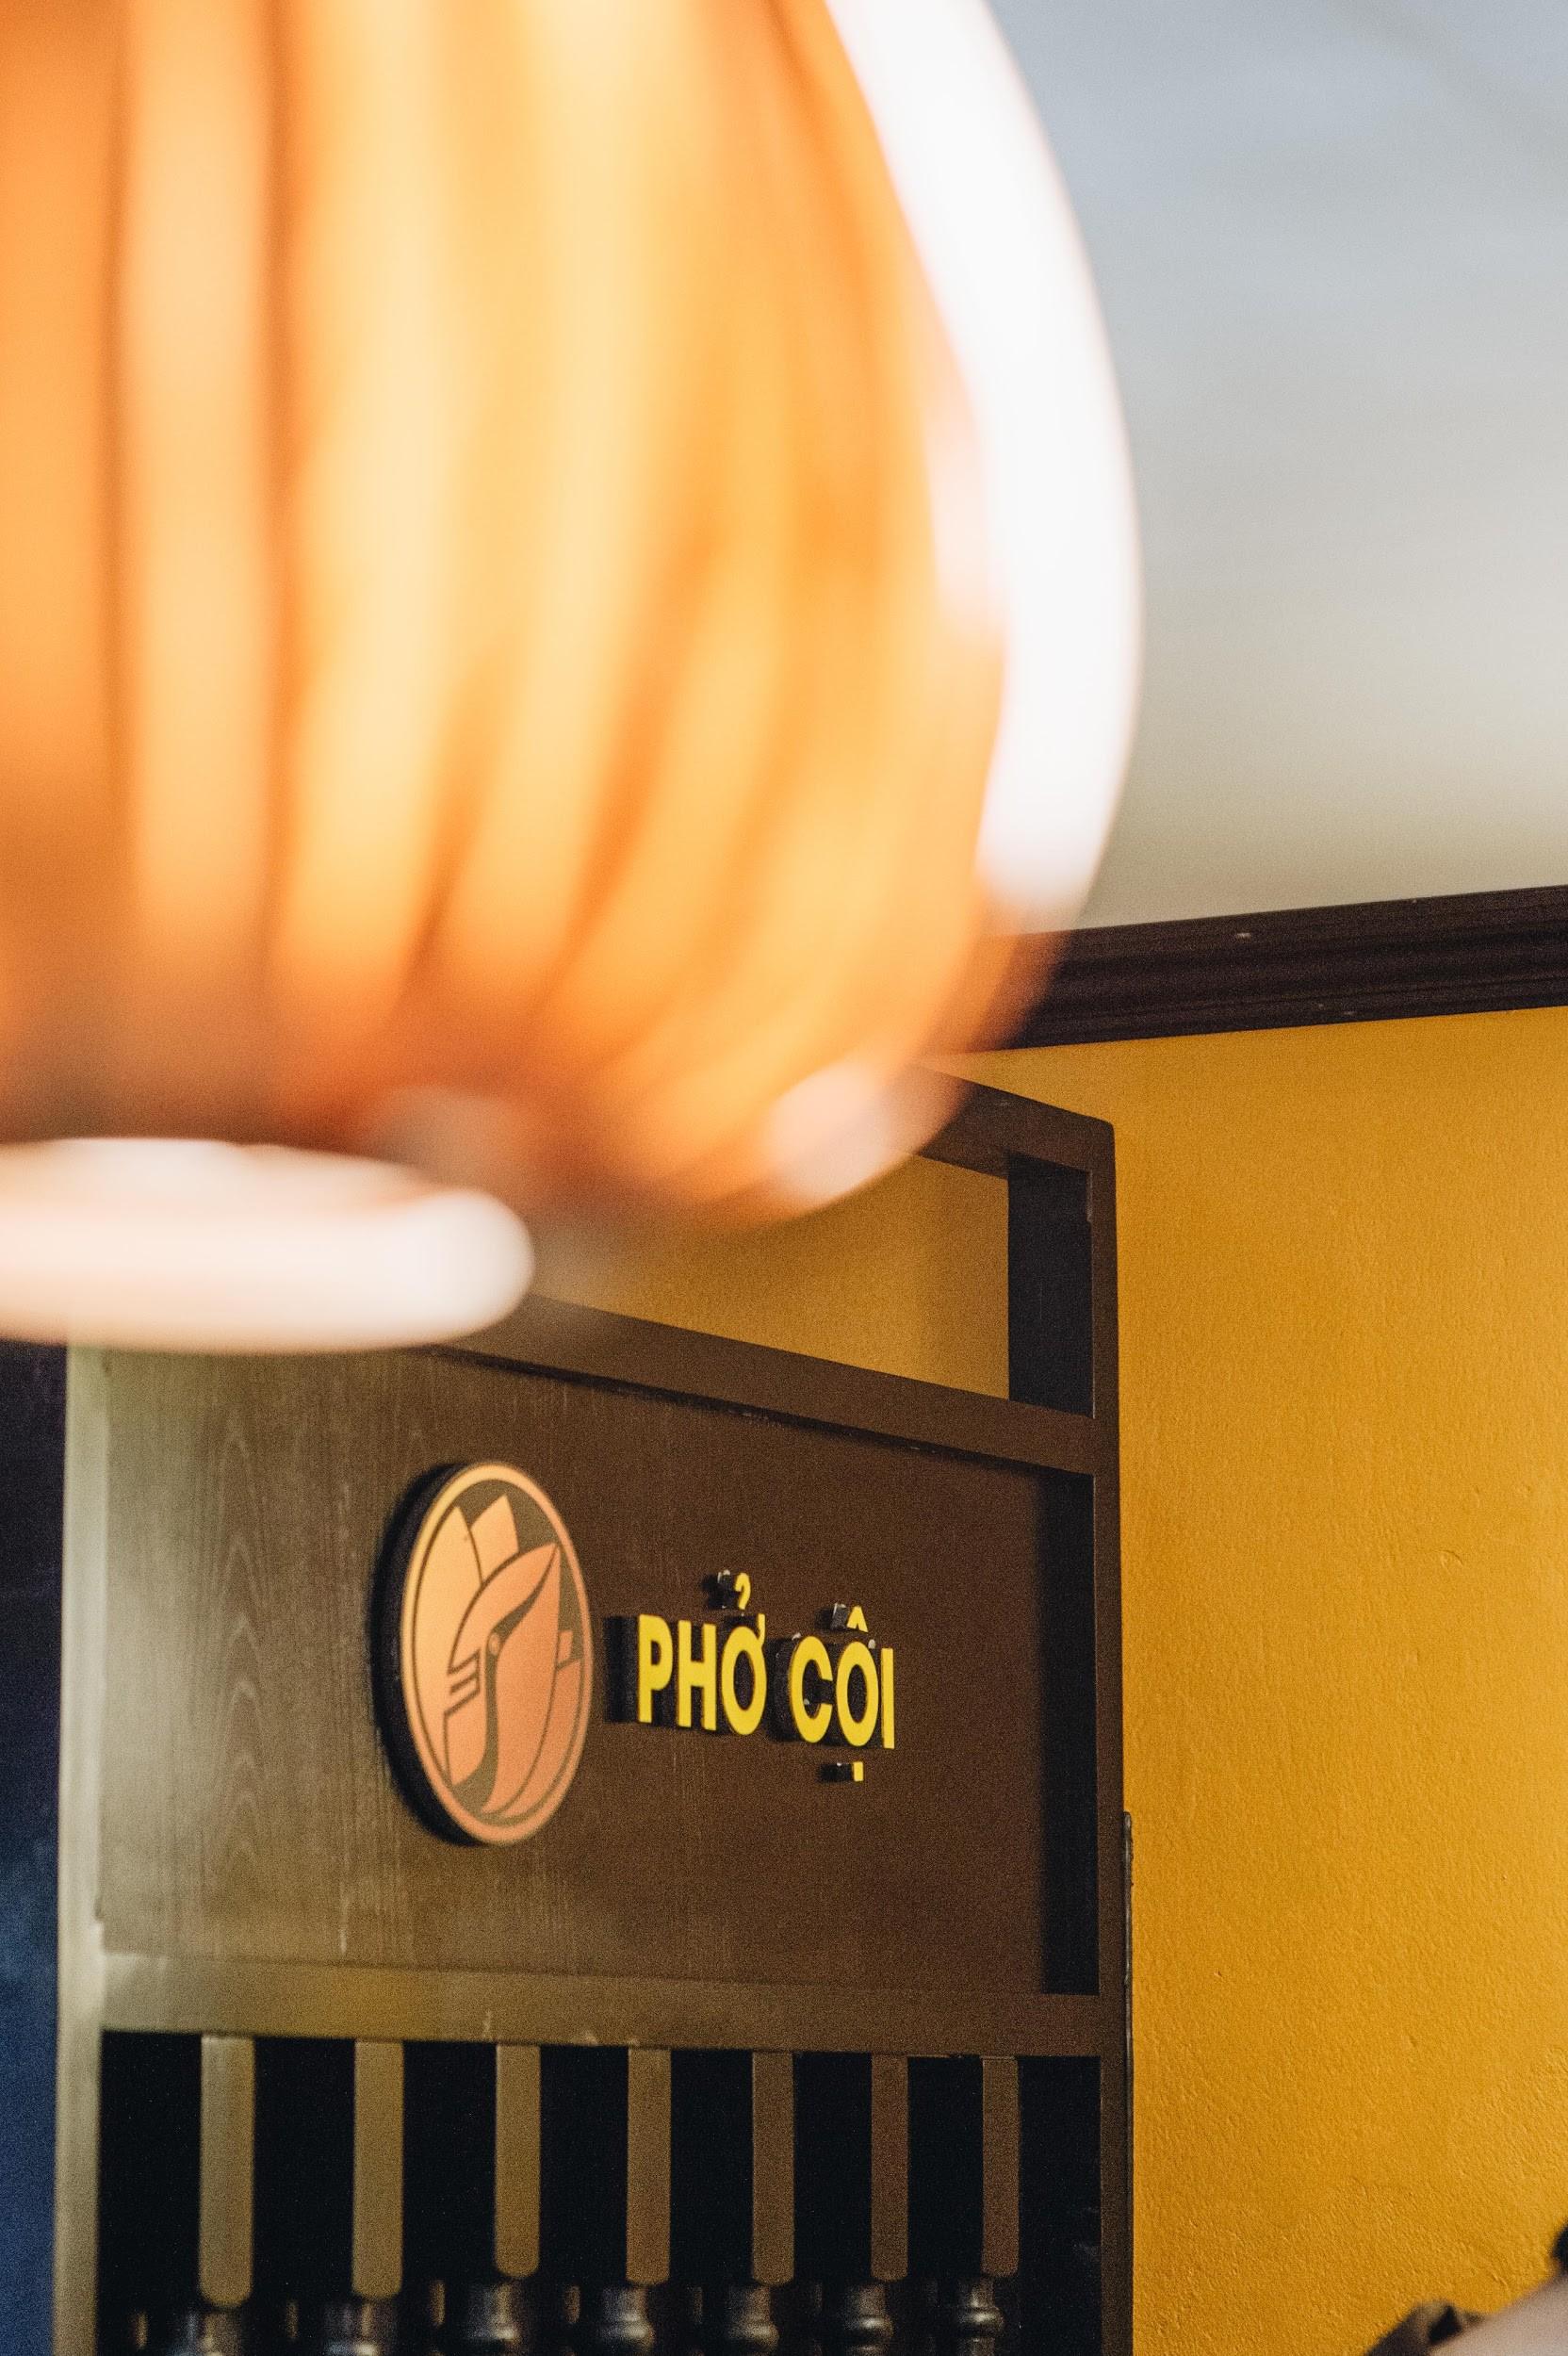 Ngược dòng thời gian cùng Phở Cội: Tìm phong vị phở giữa không gian nhà hàng ấm áp, gợi nét đẹp xưa Hà Nội - Ảnh 4.